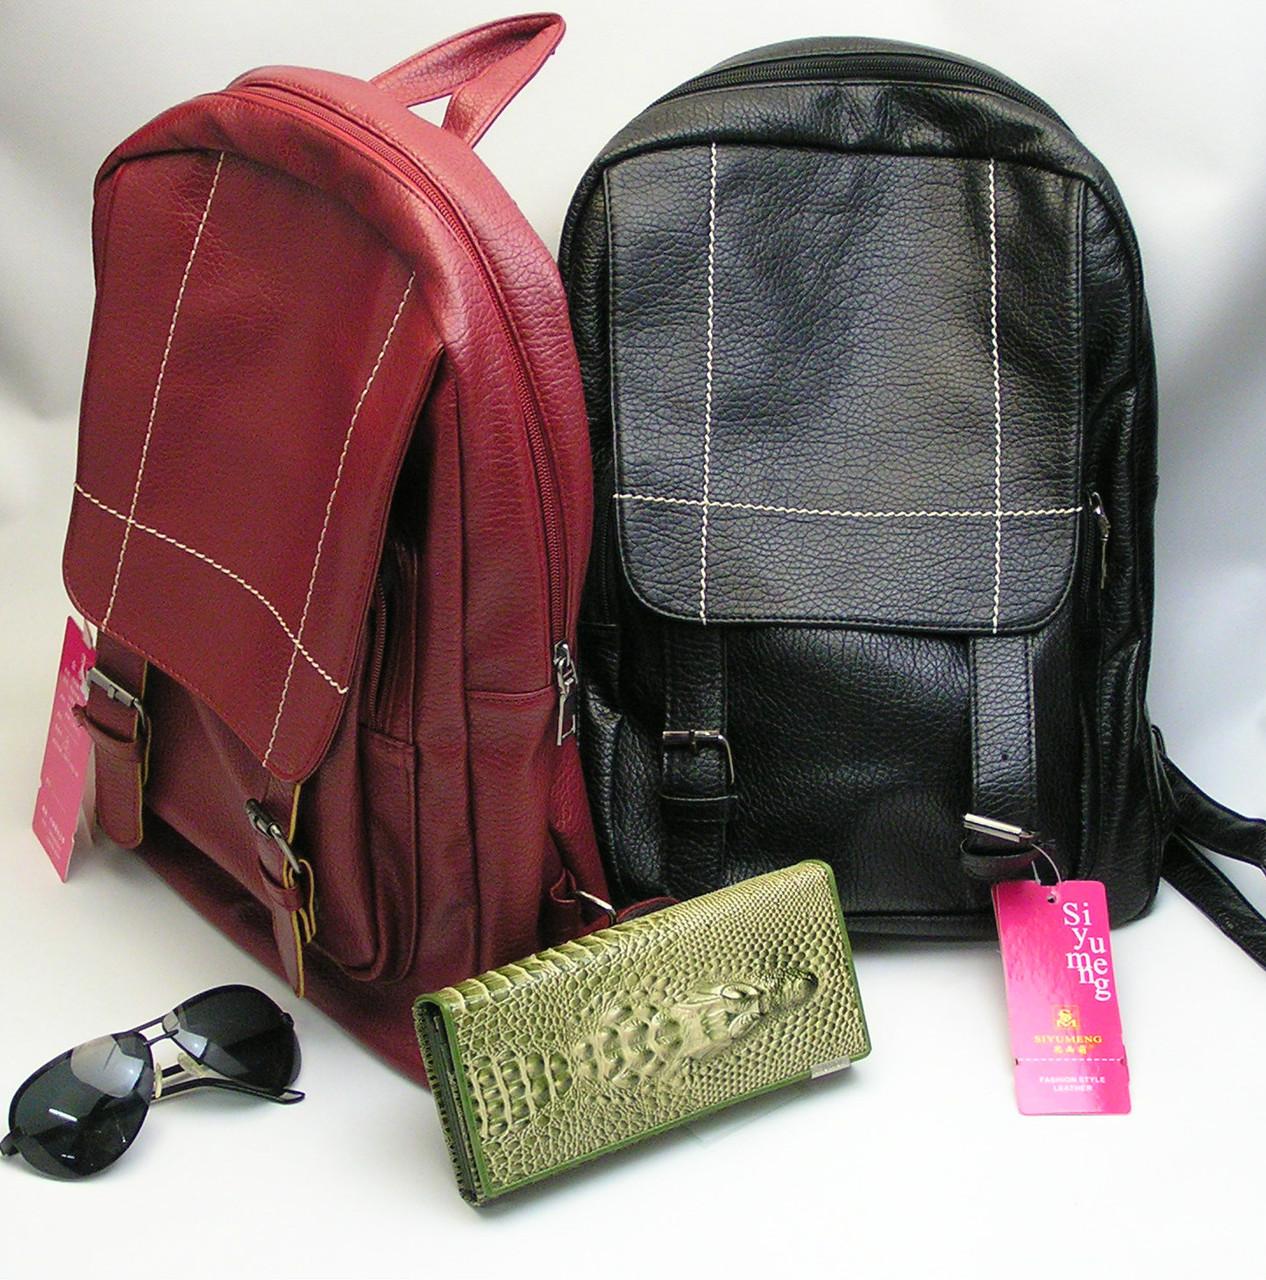 fcb0636431b3 Стильный кожаный рюкзак. Модный рюкзак с одним отделением. Рюкзак стеганый  белой нитью. Кожа